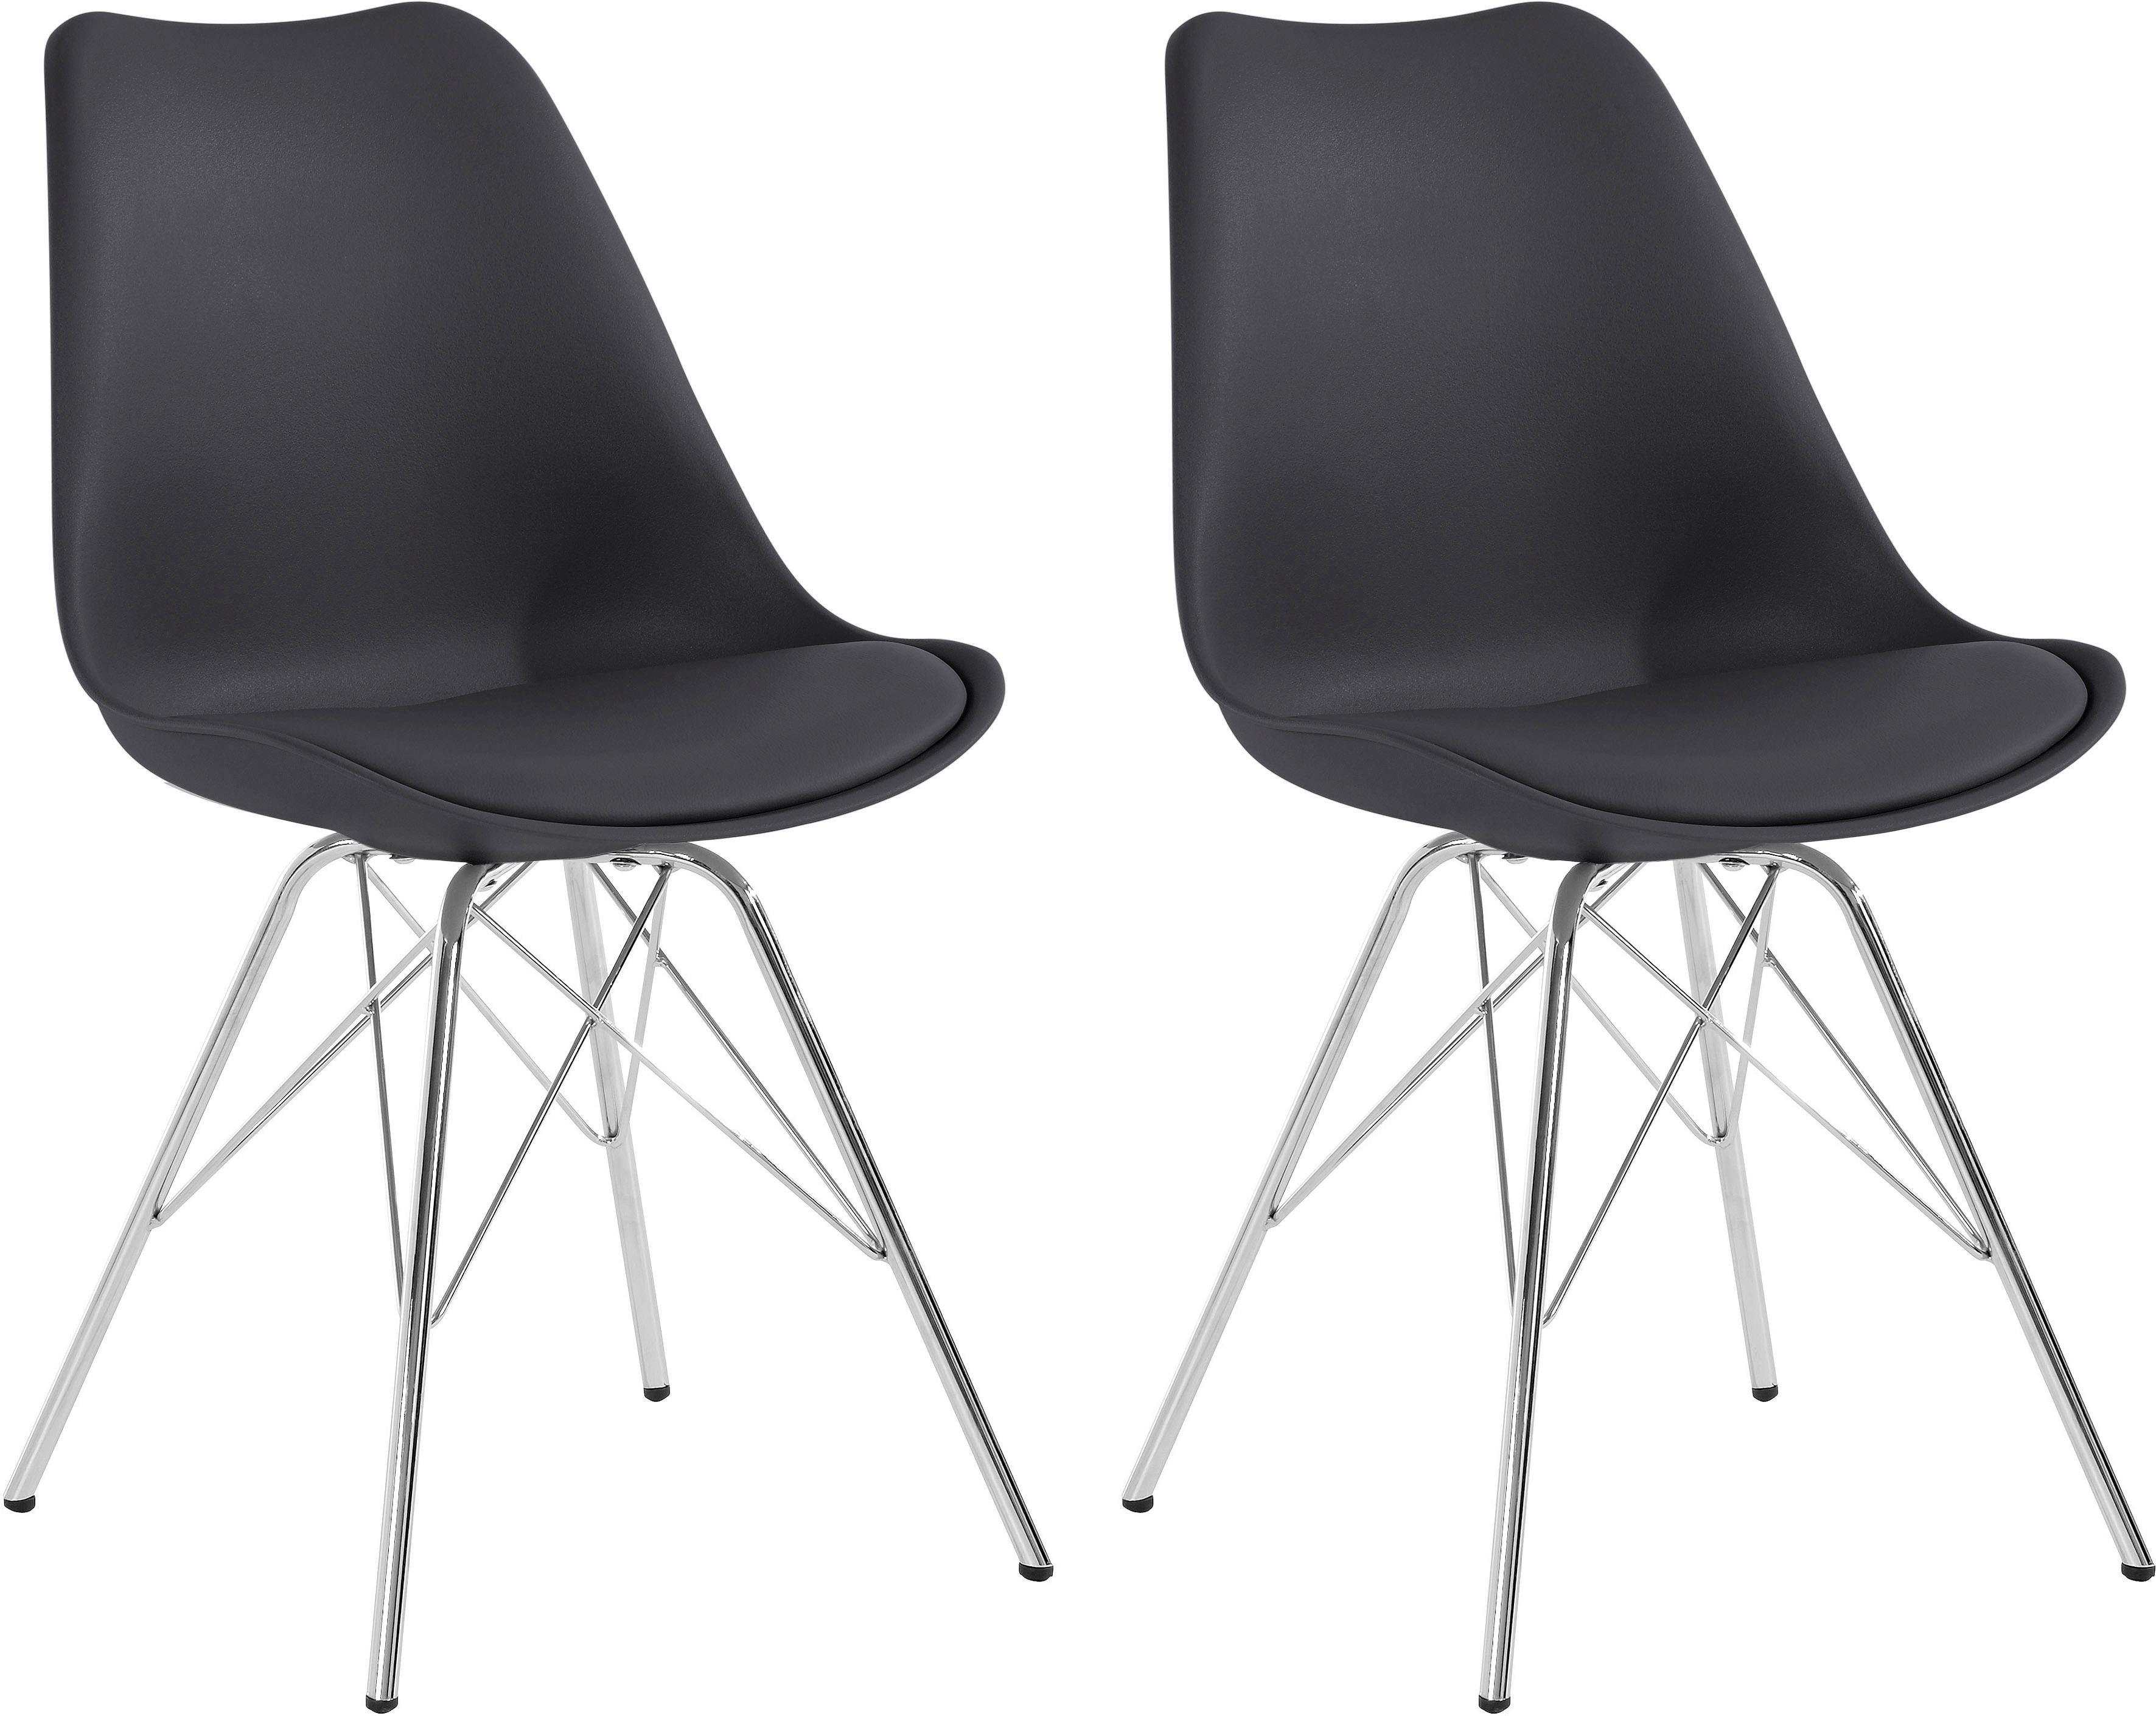 Homexperts STEINHOFF stoel (set van 2) bij OTTO online kopen